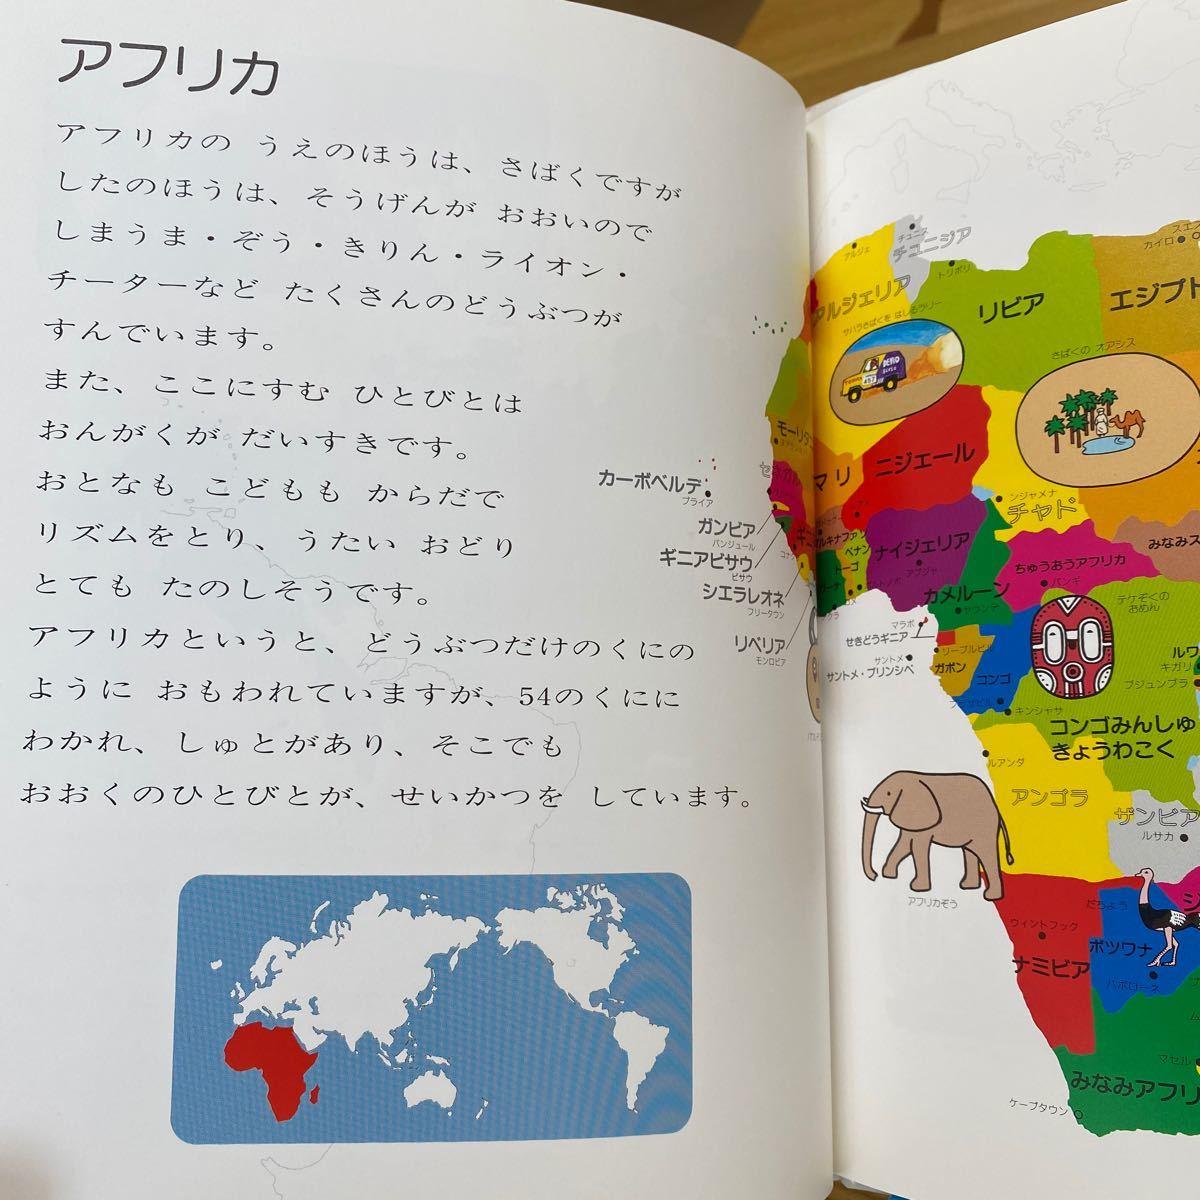 せかいちず絵本 こどもがはじめてであう/とだこうしろう 世界地図絵本